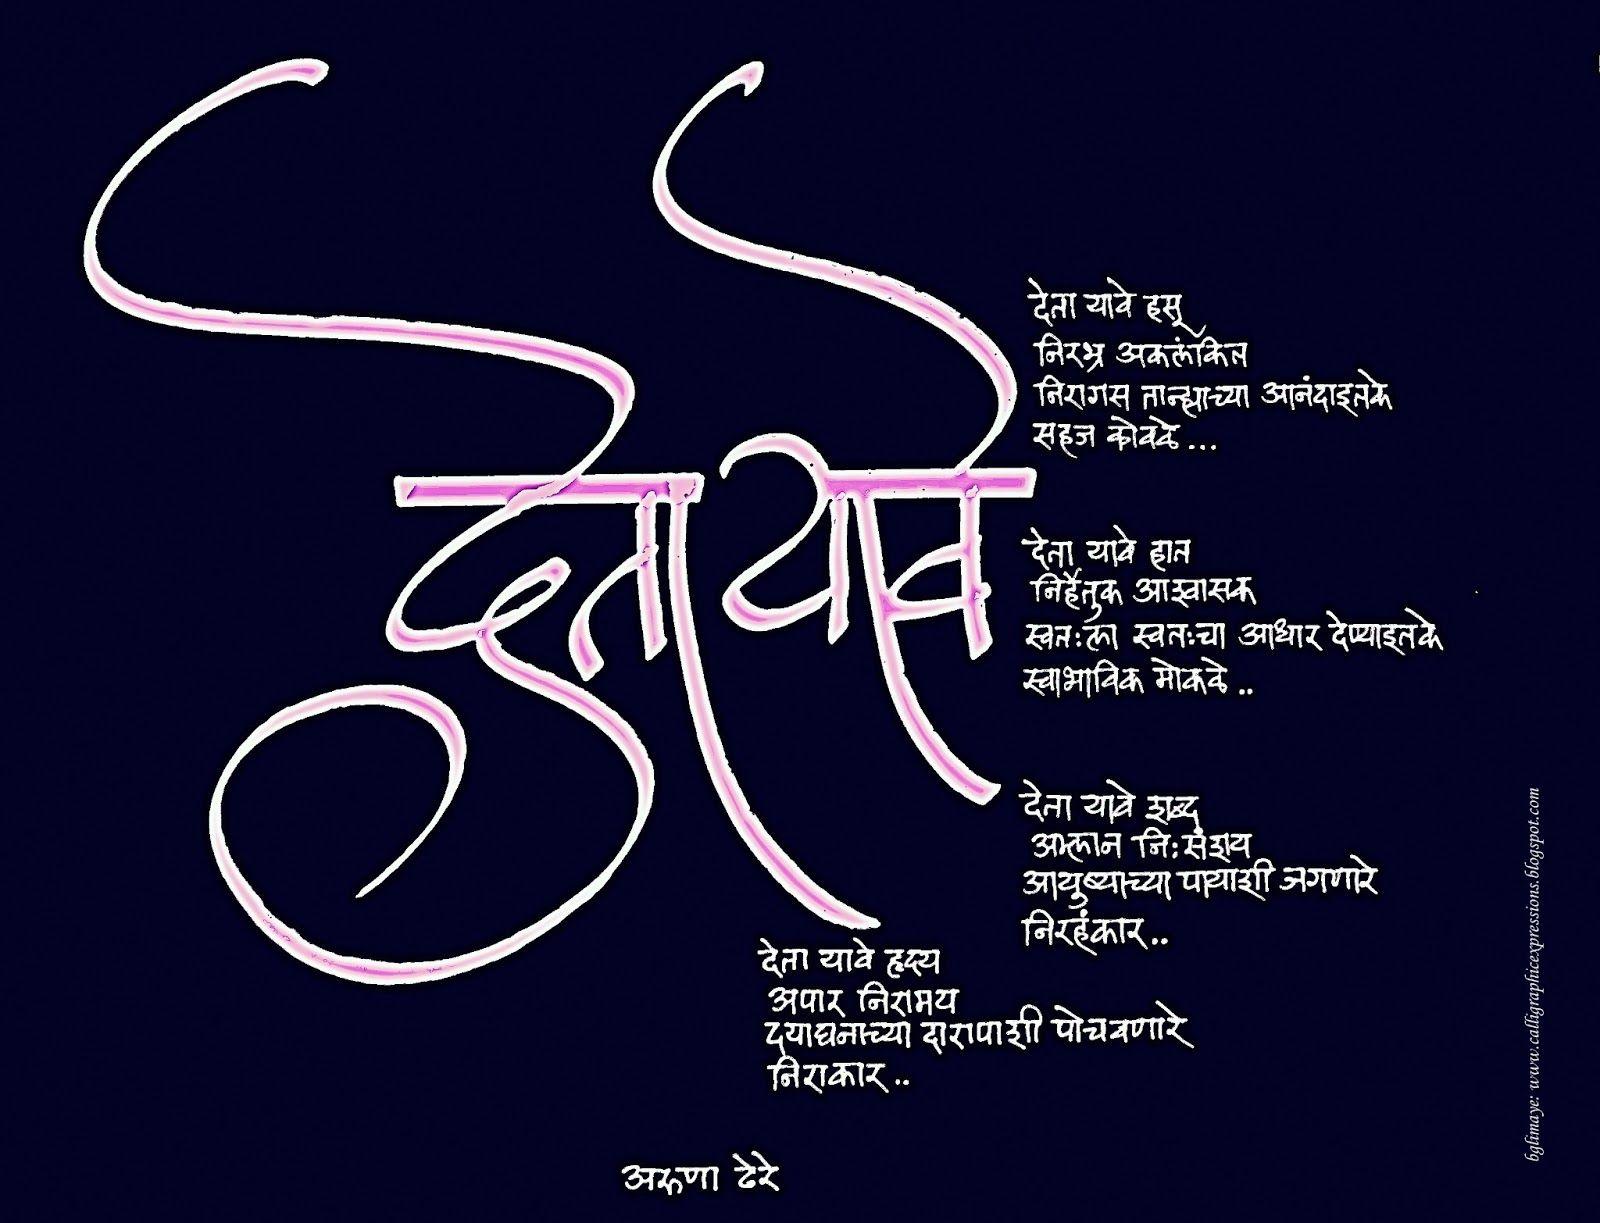 Pin by Shrikant Sawant on माय मराठी Marathi love quotes